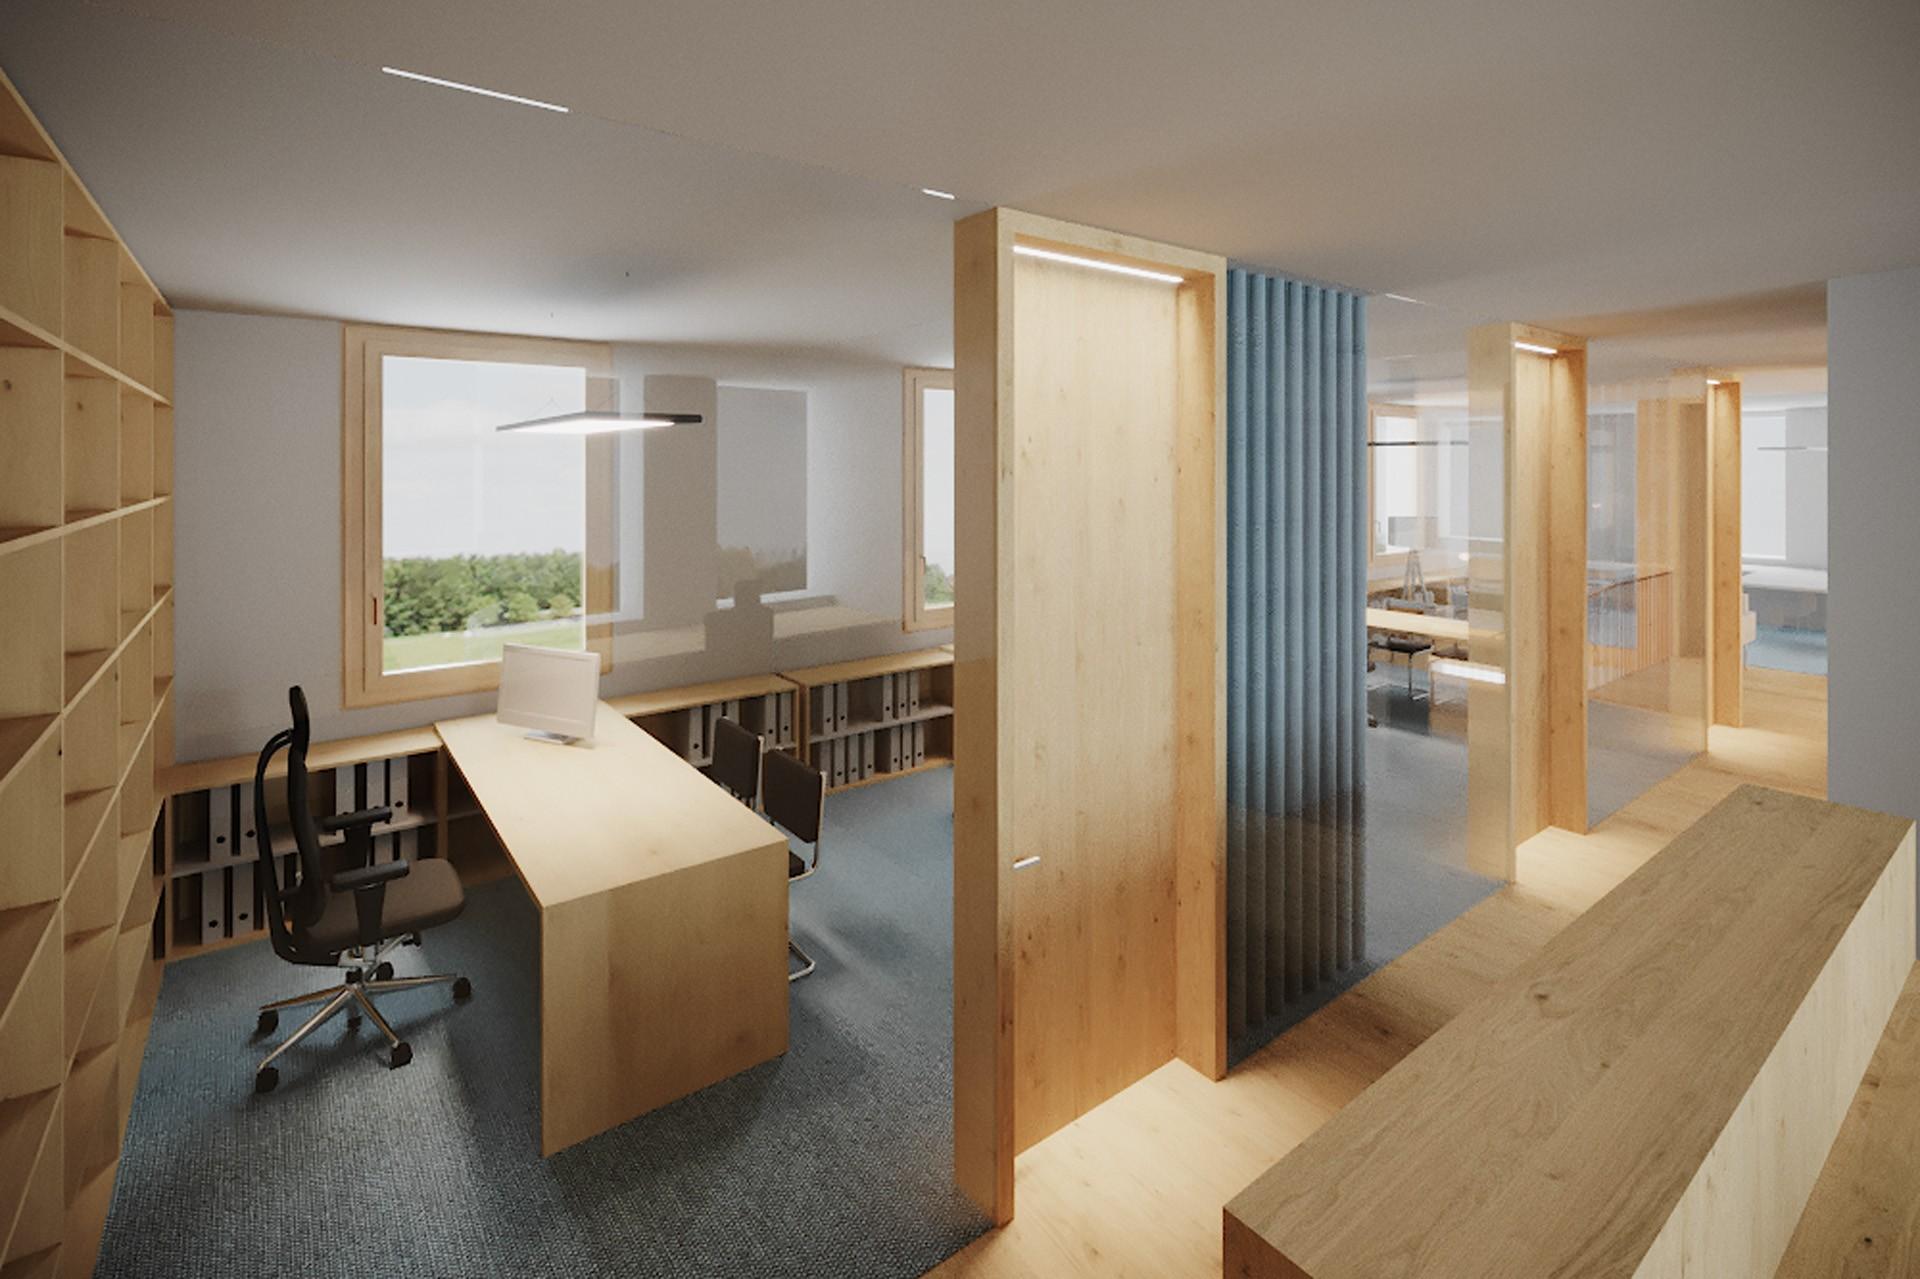 architektur-plus-raum-haus-an-der-iller-3